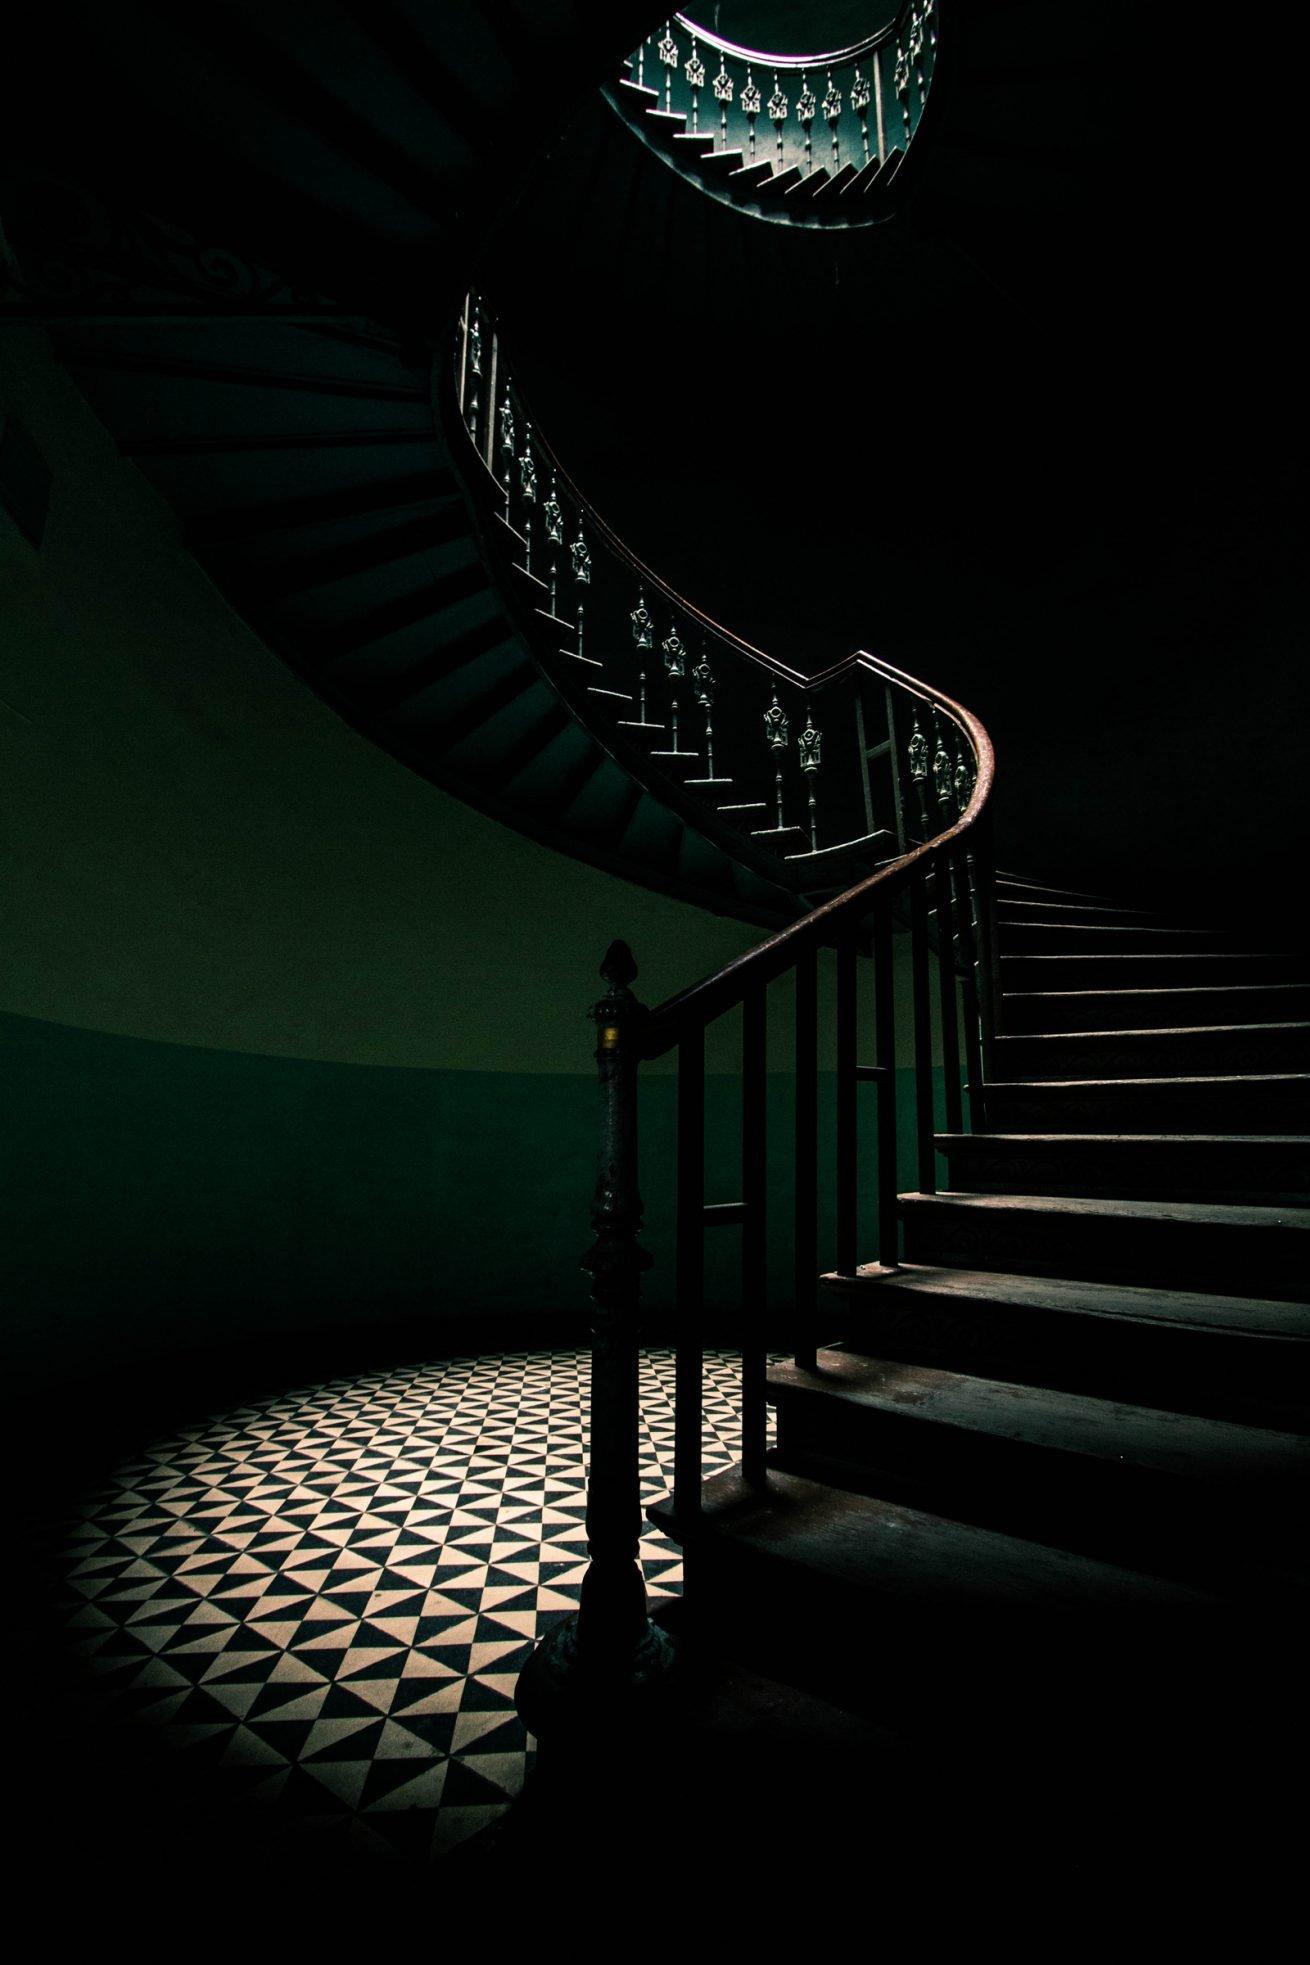 Maciej-Niechwiadowicz-photography-world-023